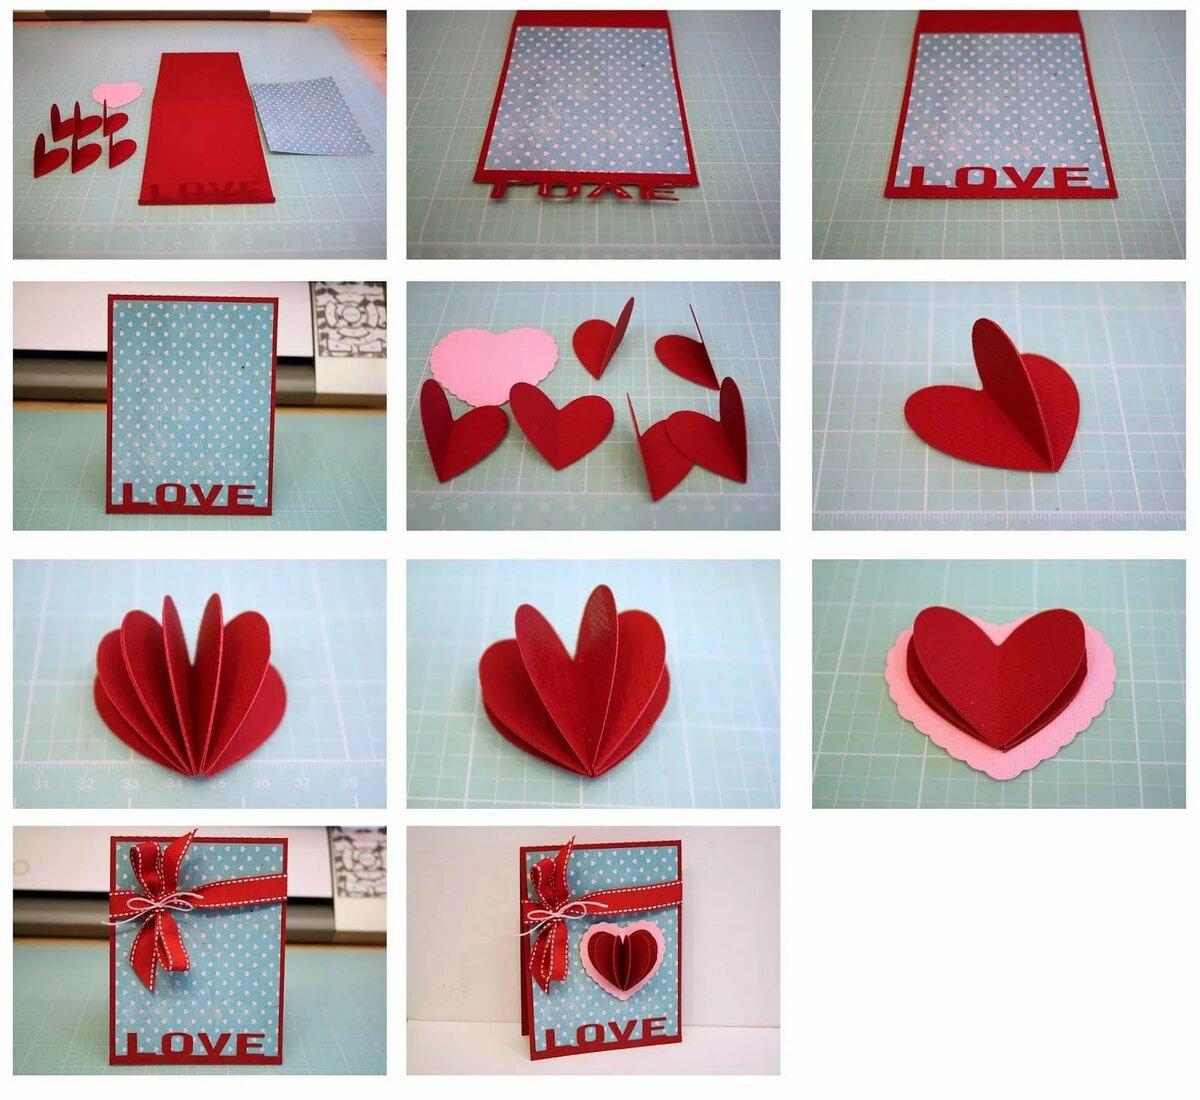 Картинках, как сделать открытку в форме сердца на день рождения